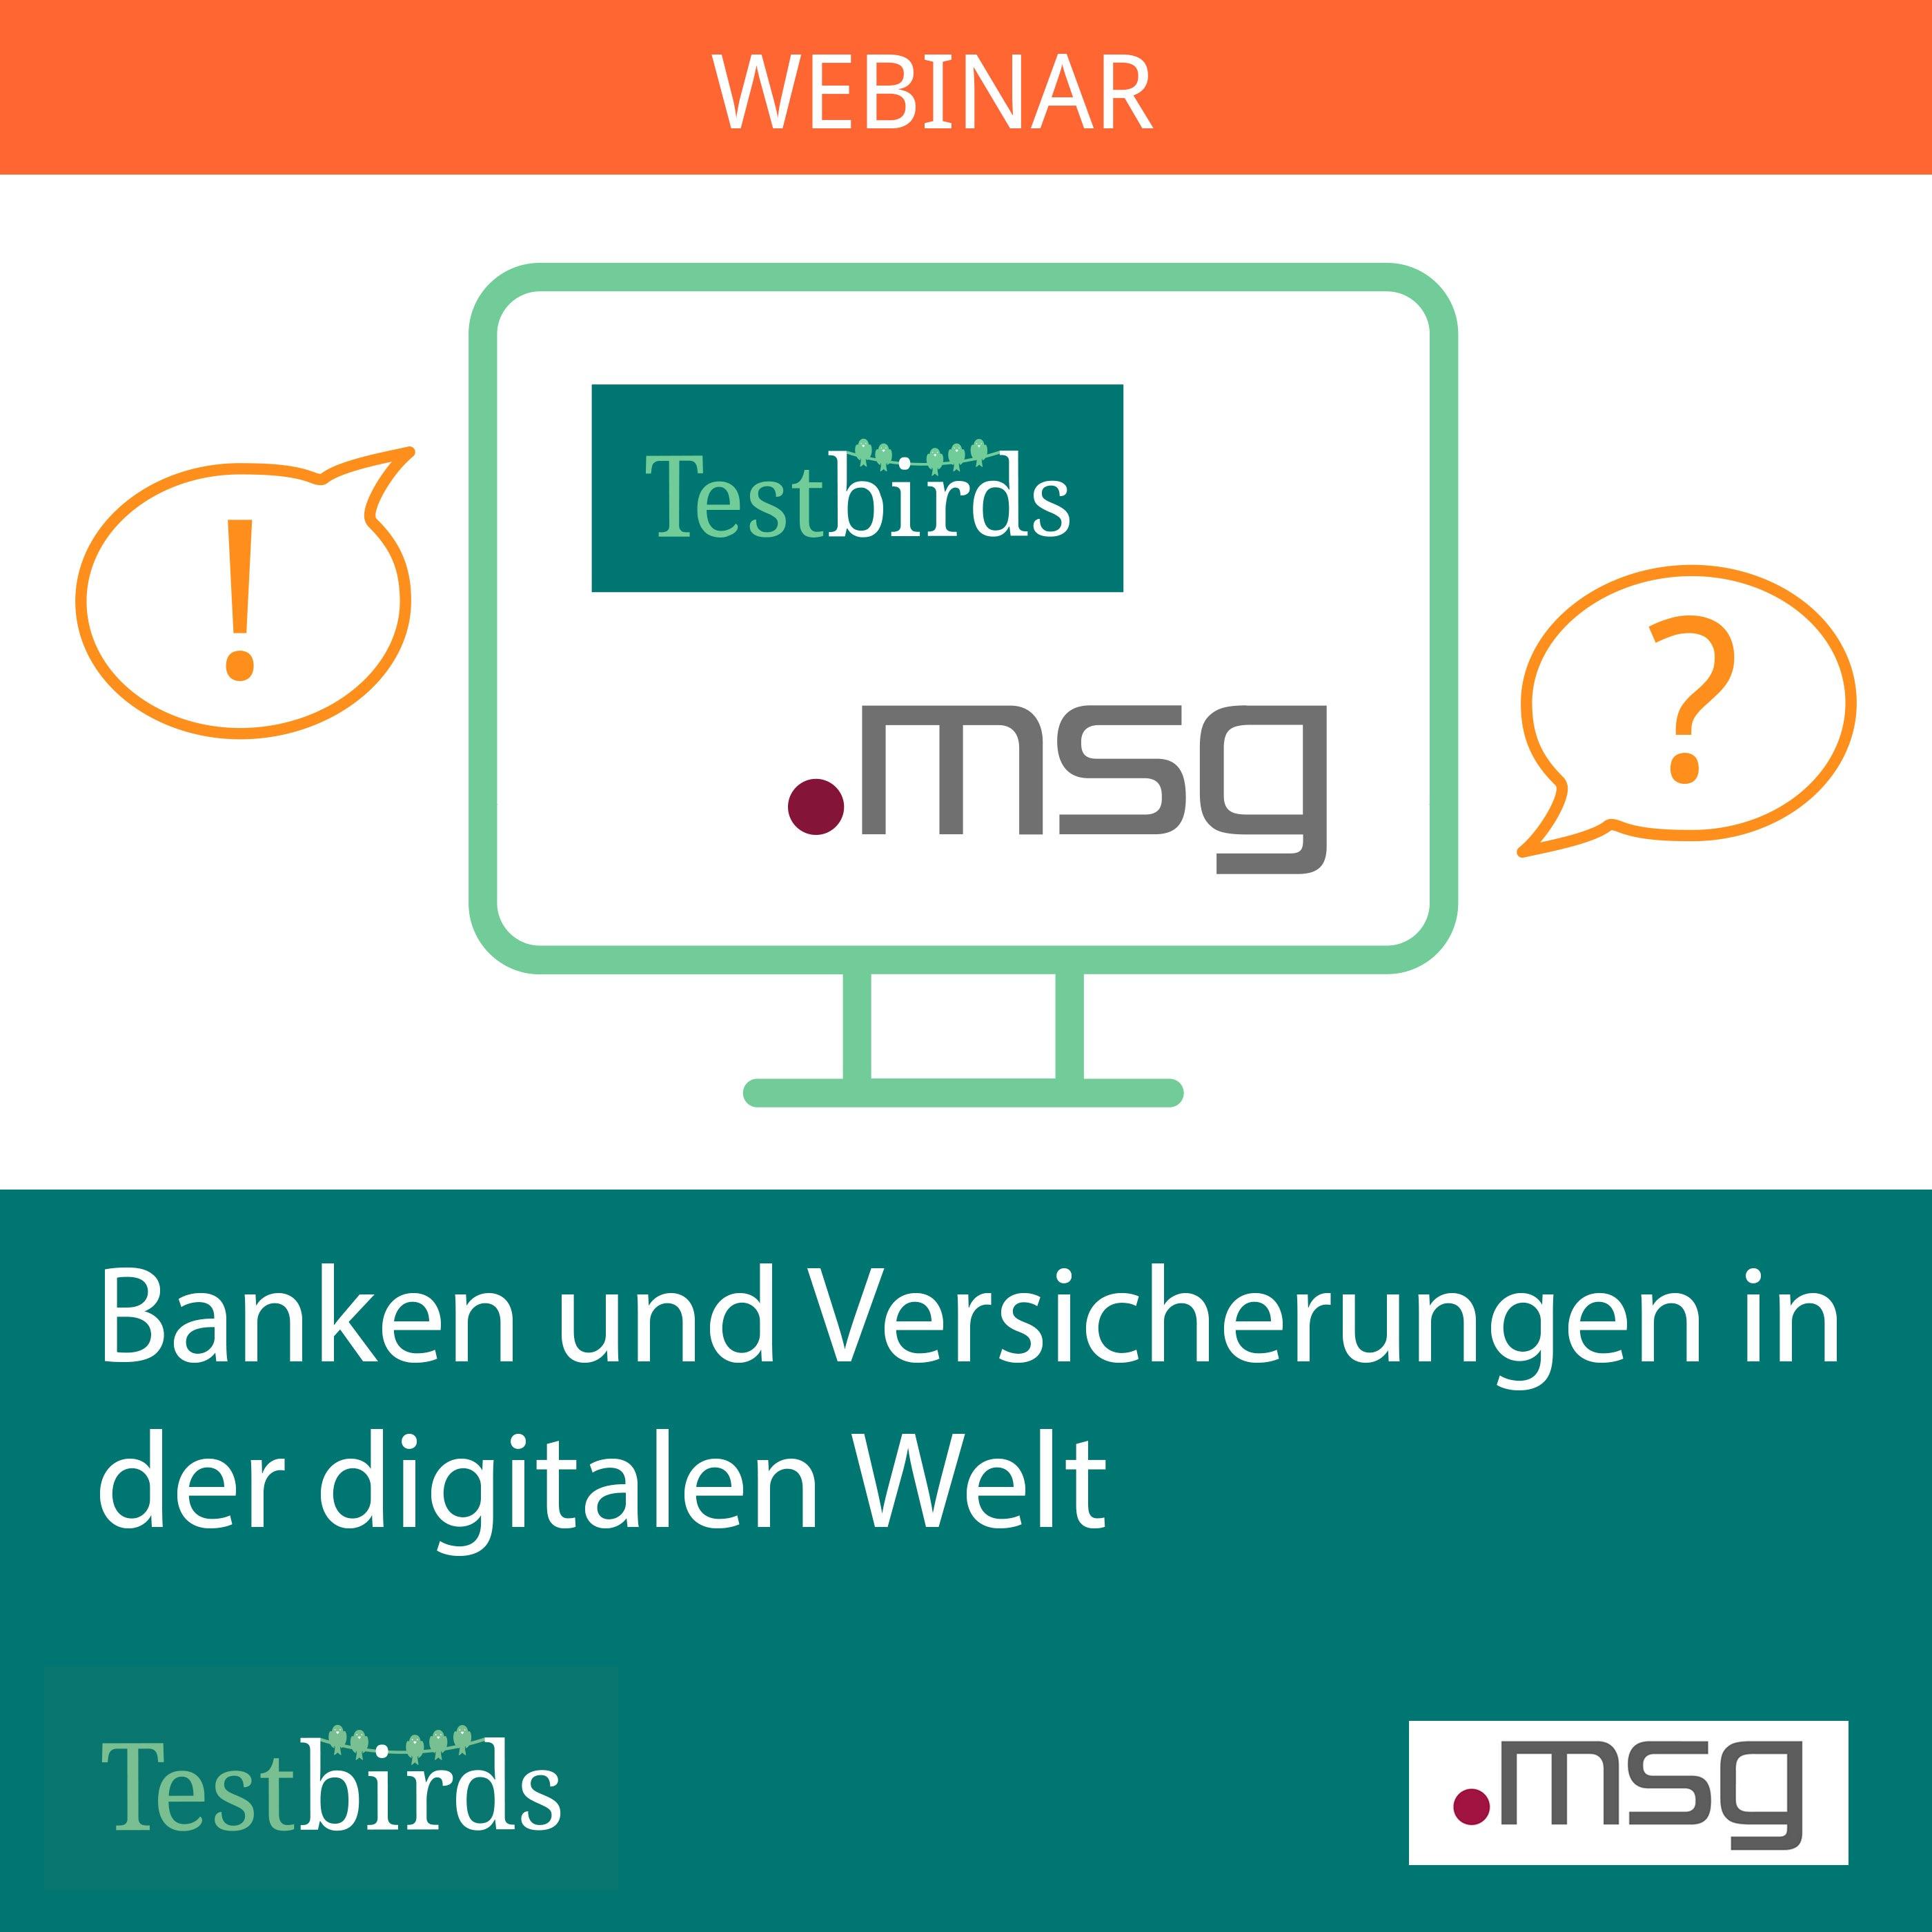 Banken und Versicherungen in der digitalen Welt